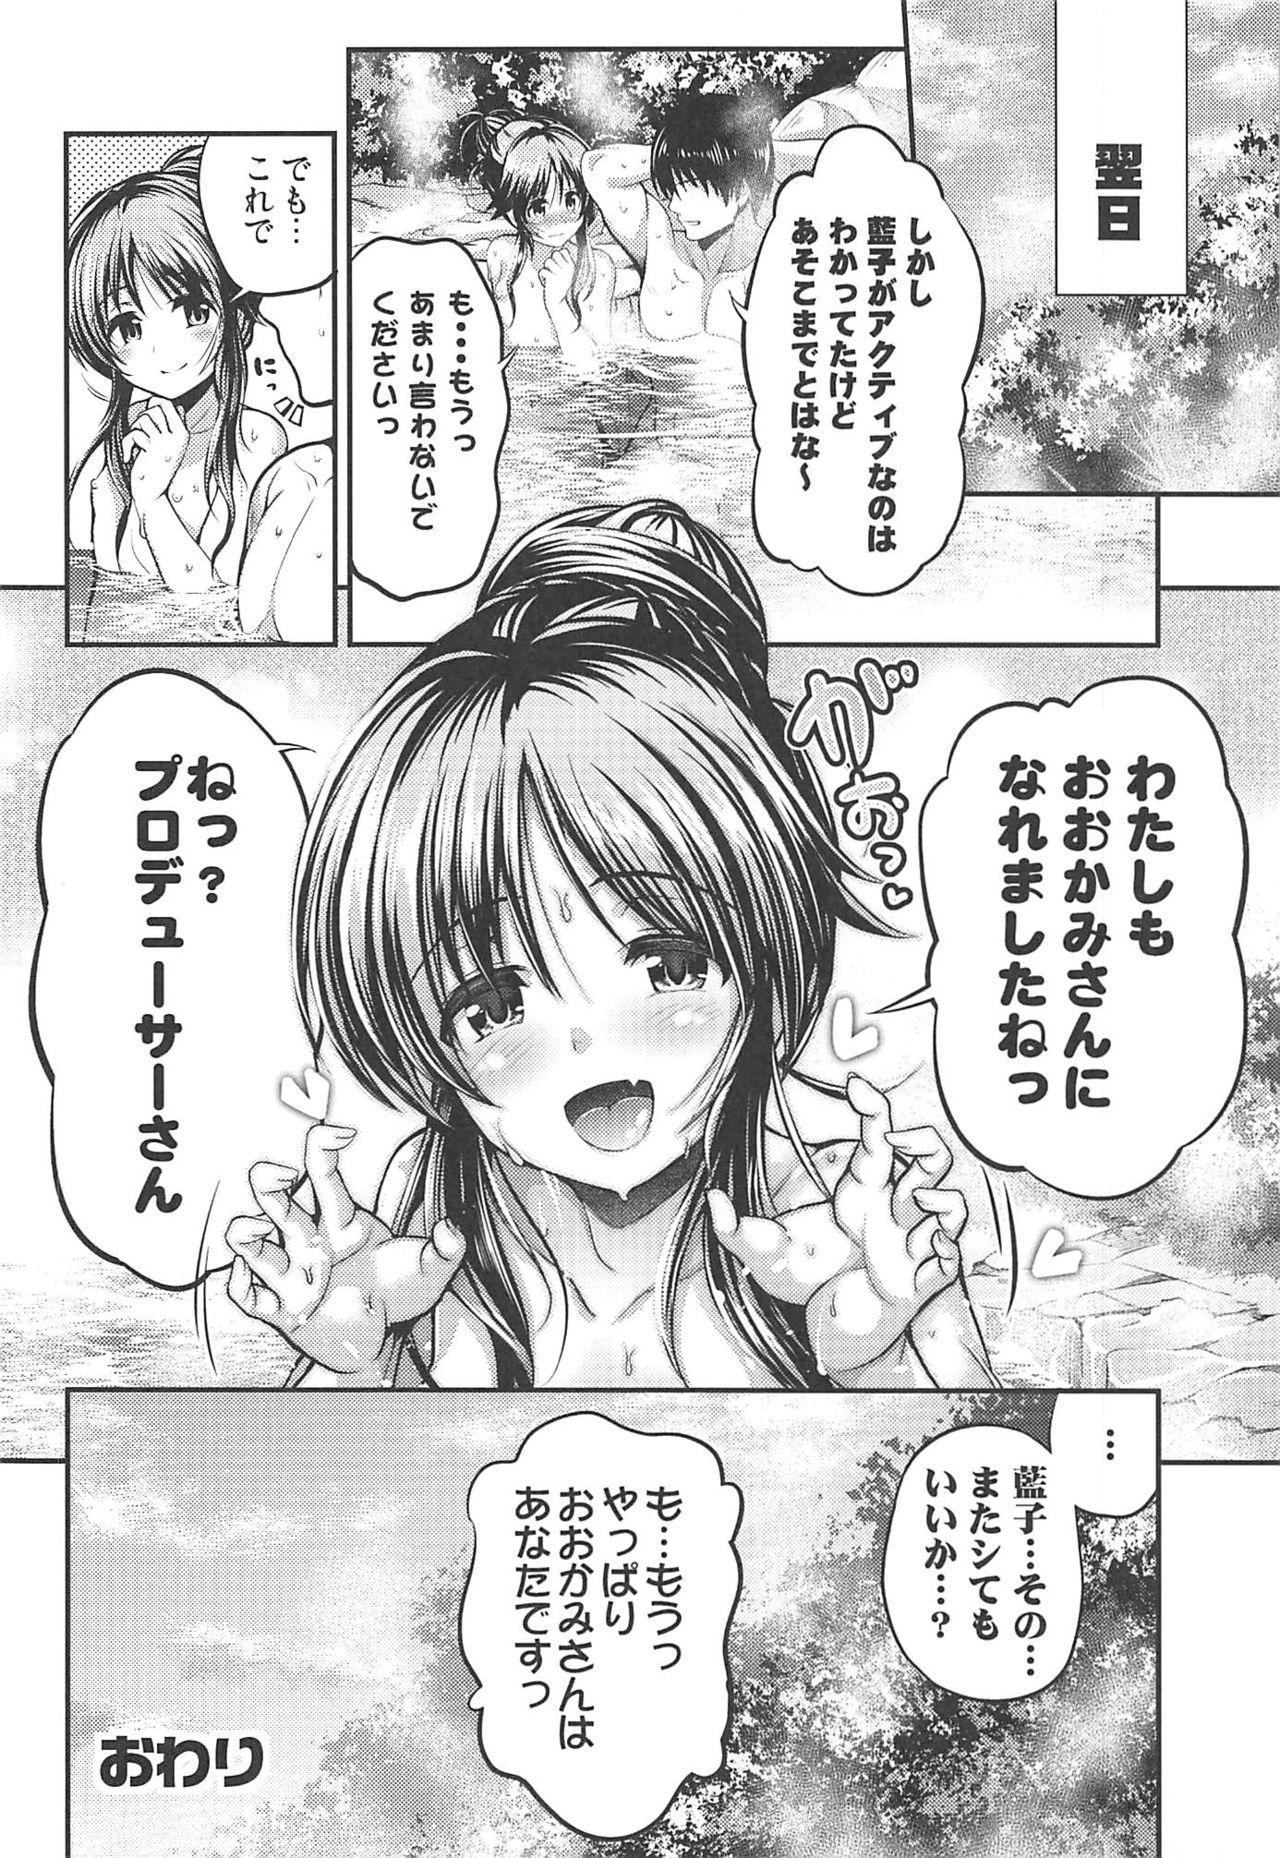 Watashi no Ookami-san 2 30